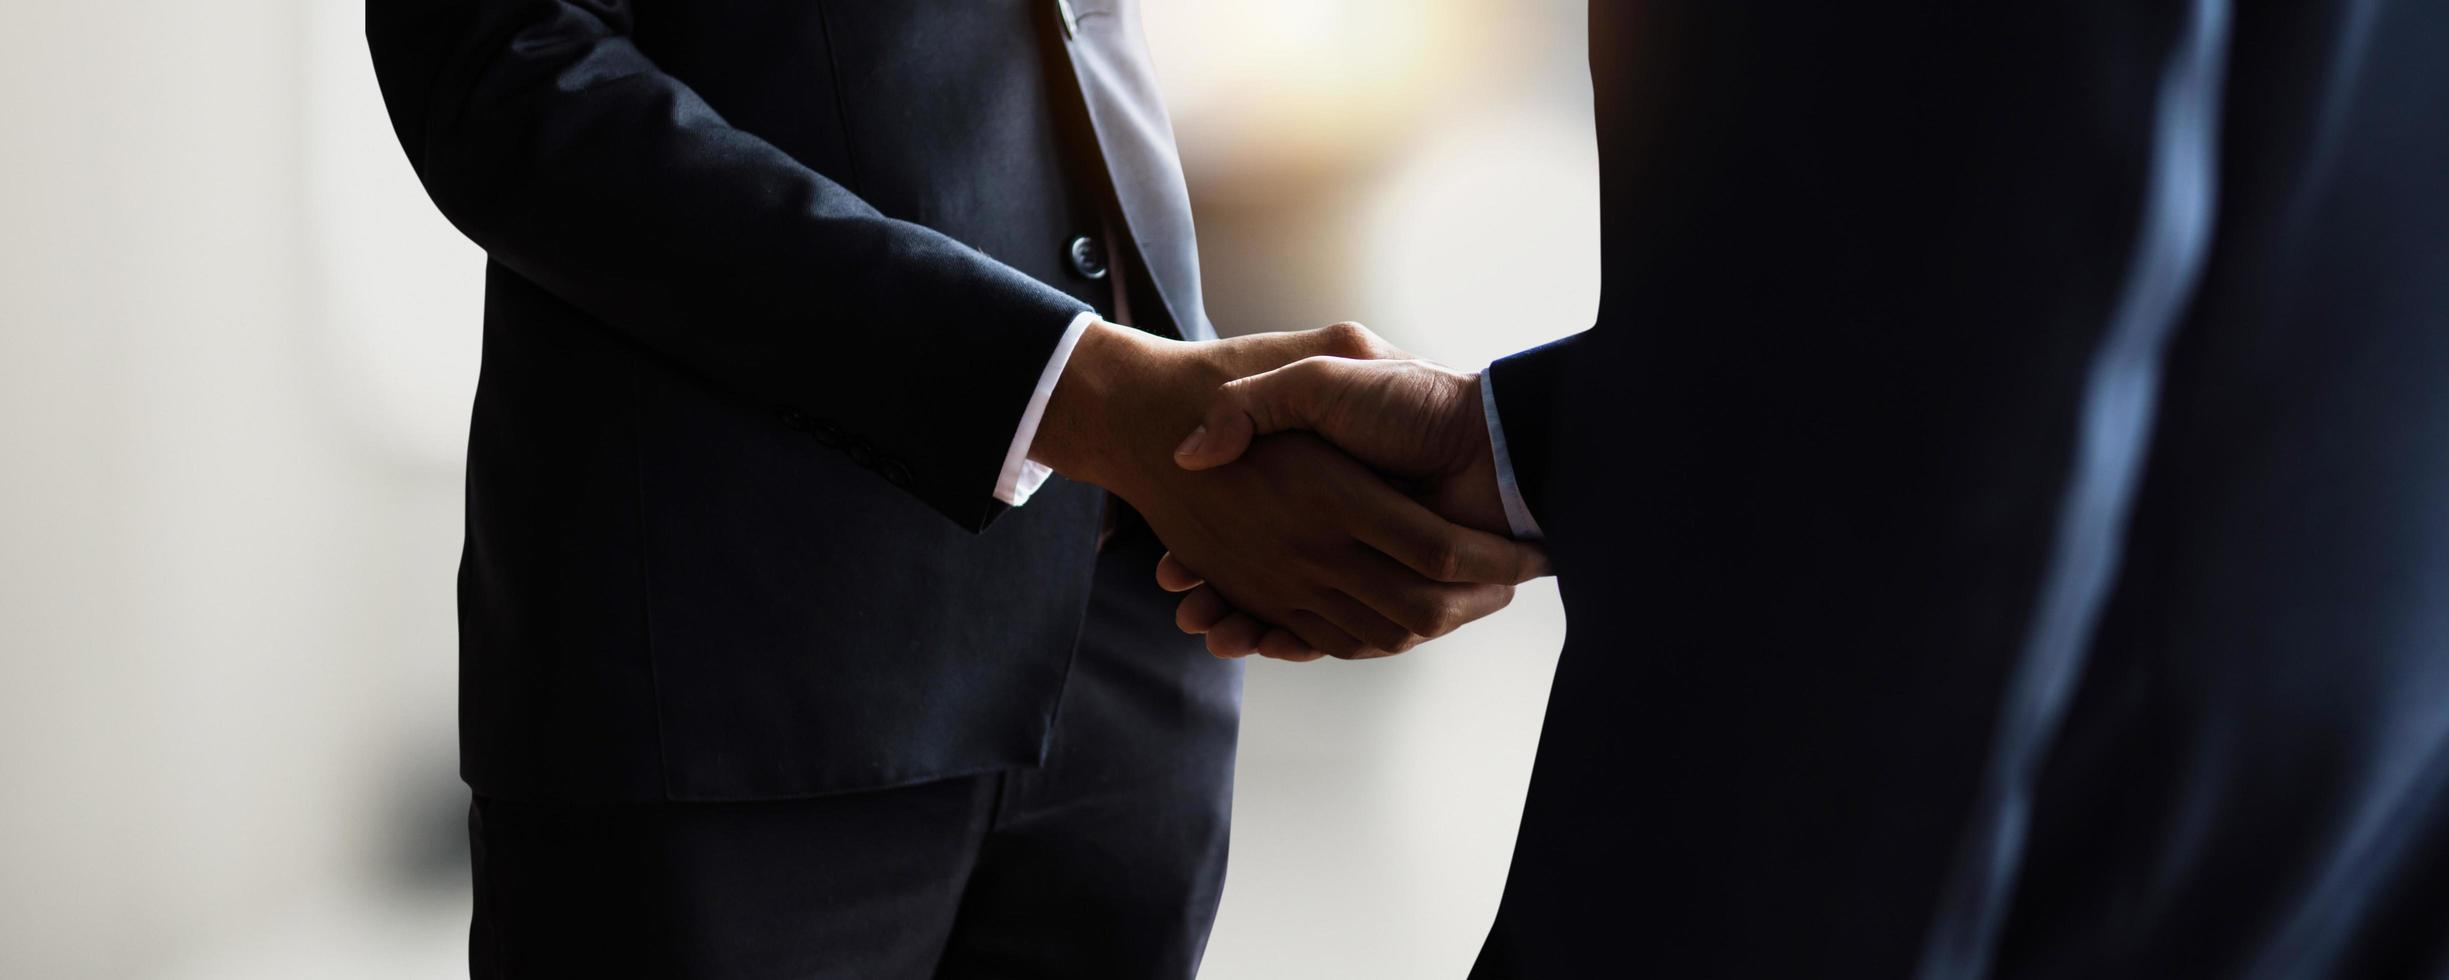 framgångsrikt förhandlings- och handskakningskoncept, två affärsman skakar hand med partner till firande partnerskap och lagarbete, affärsavtal foto